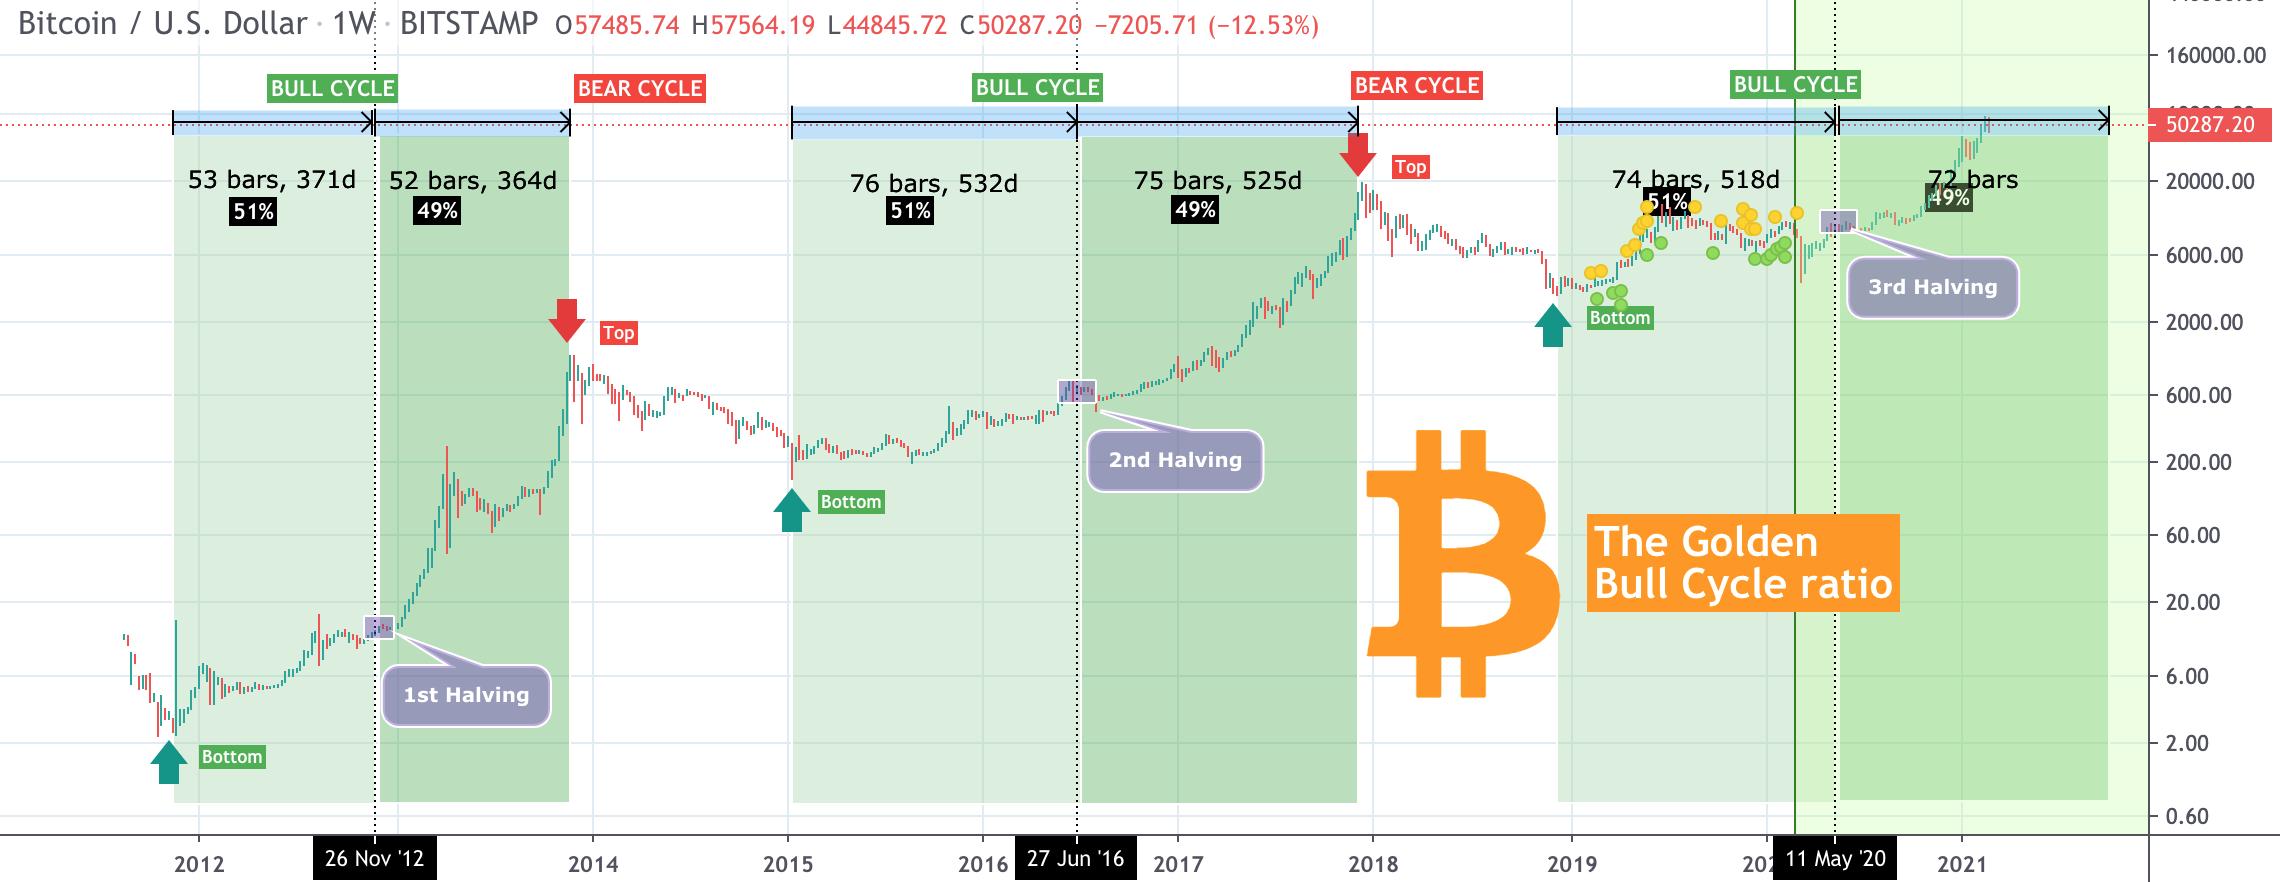 btc secondo semestre data dellesame 2021 deposito carta di credito ritirare bitcoin